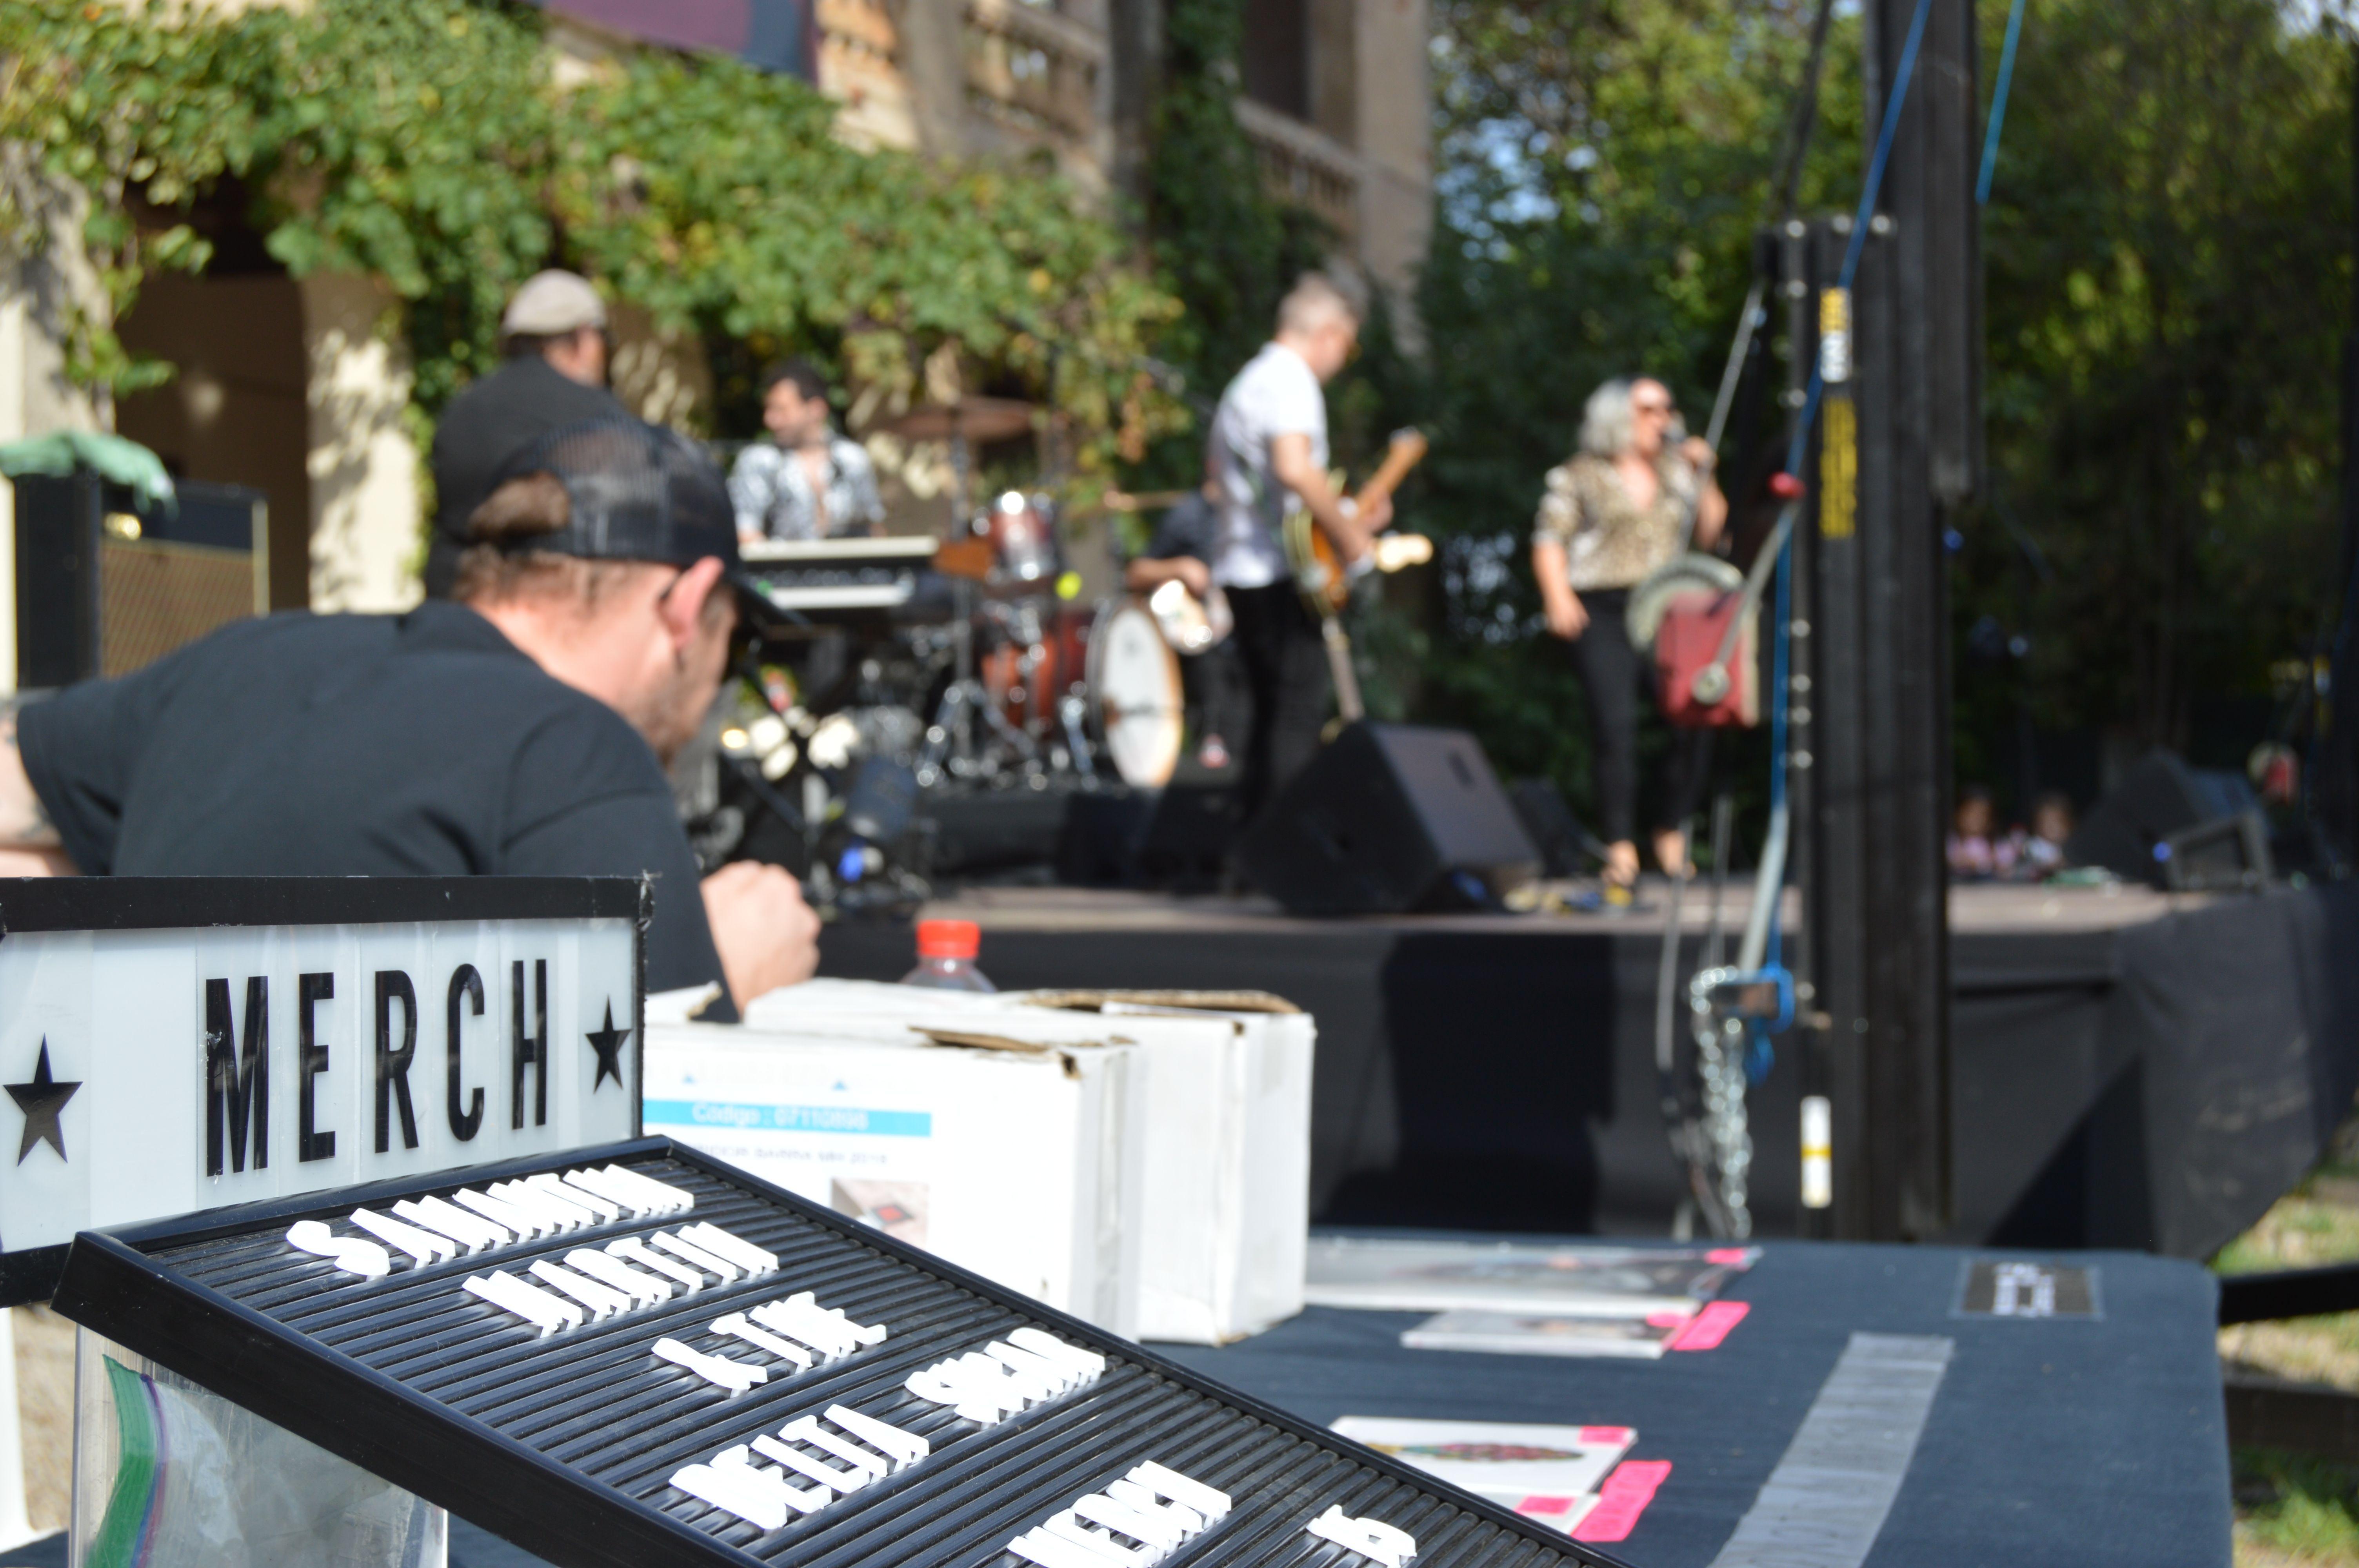 La banda va posar a la venda el seu merchandising i la seva discografia al concert de dissabte a Can Cordelles. FOTO, Nora Muñoz